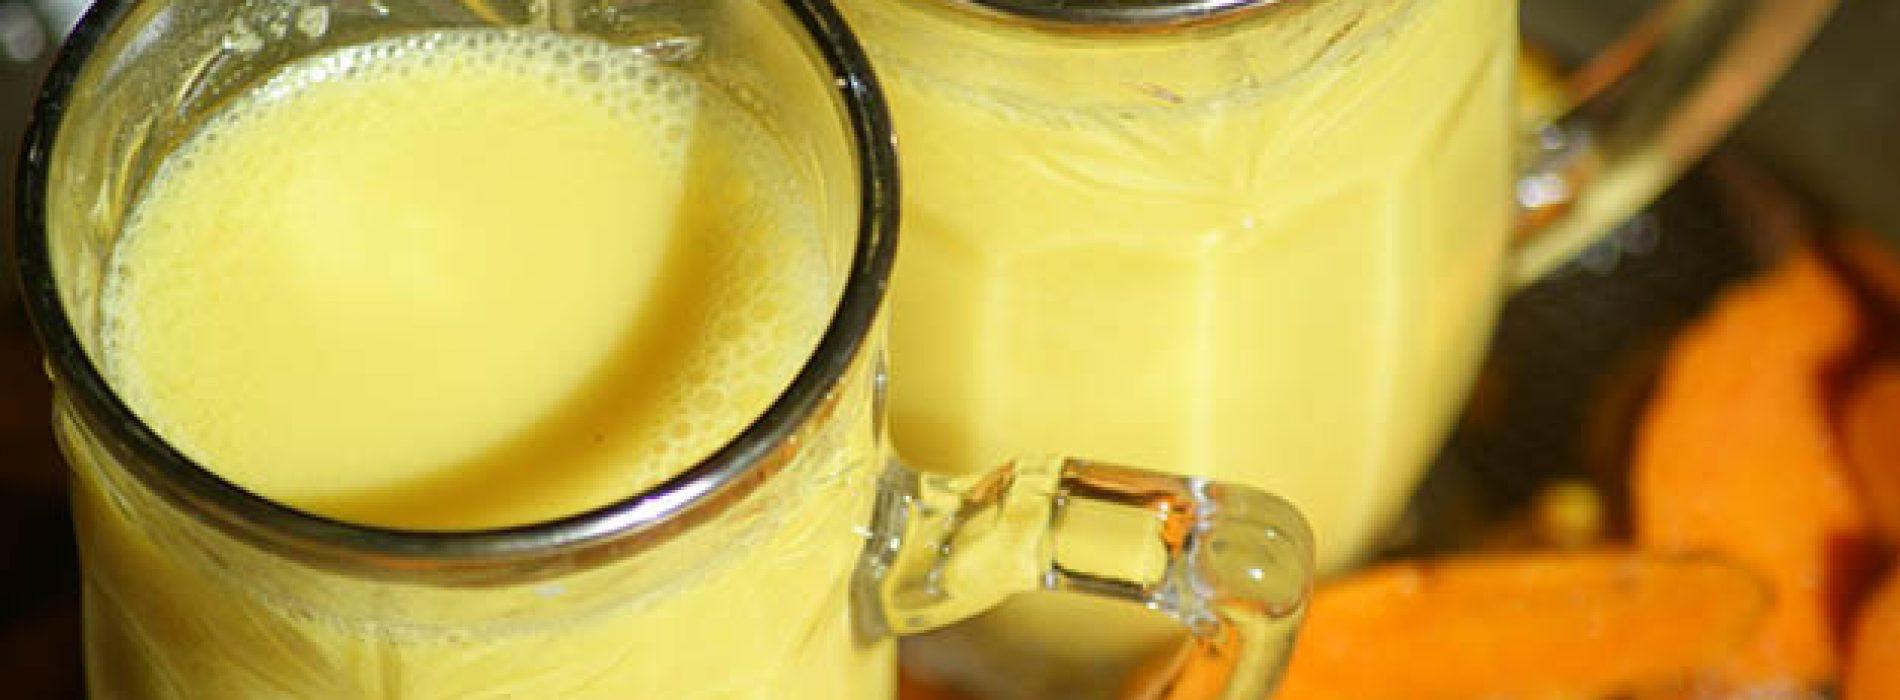 Deze drank zal u helpen droge en aanhoudend hoest te elimineren! – Dit recept is van onschatbare waarde!